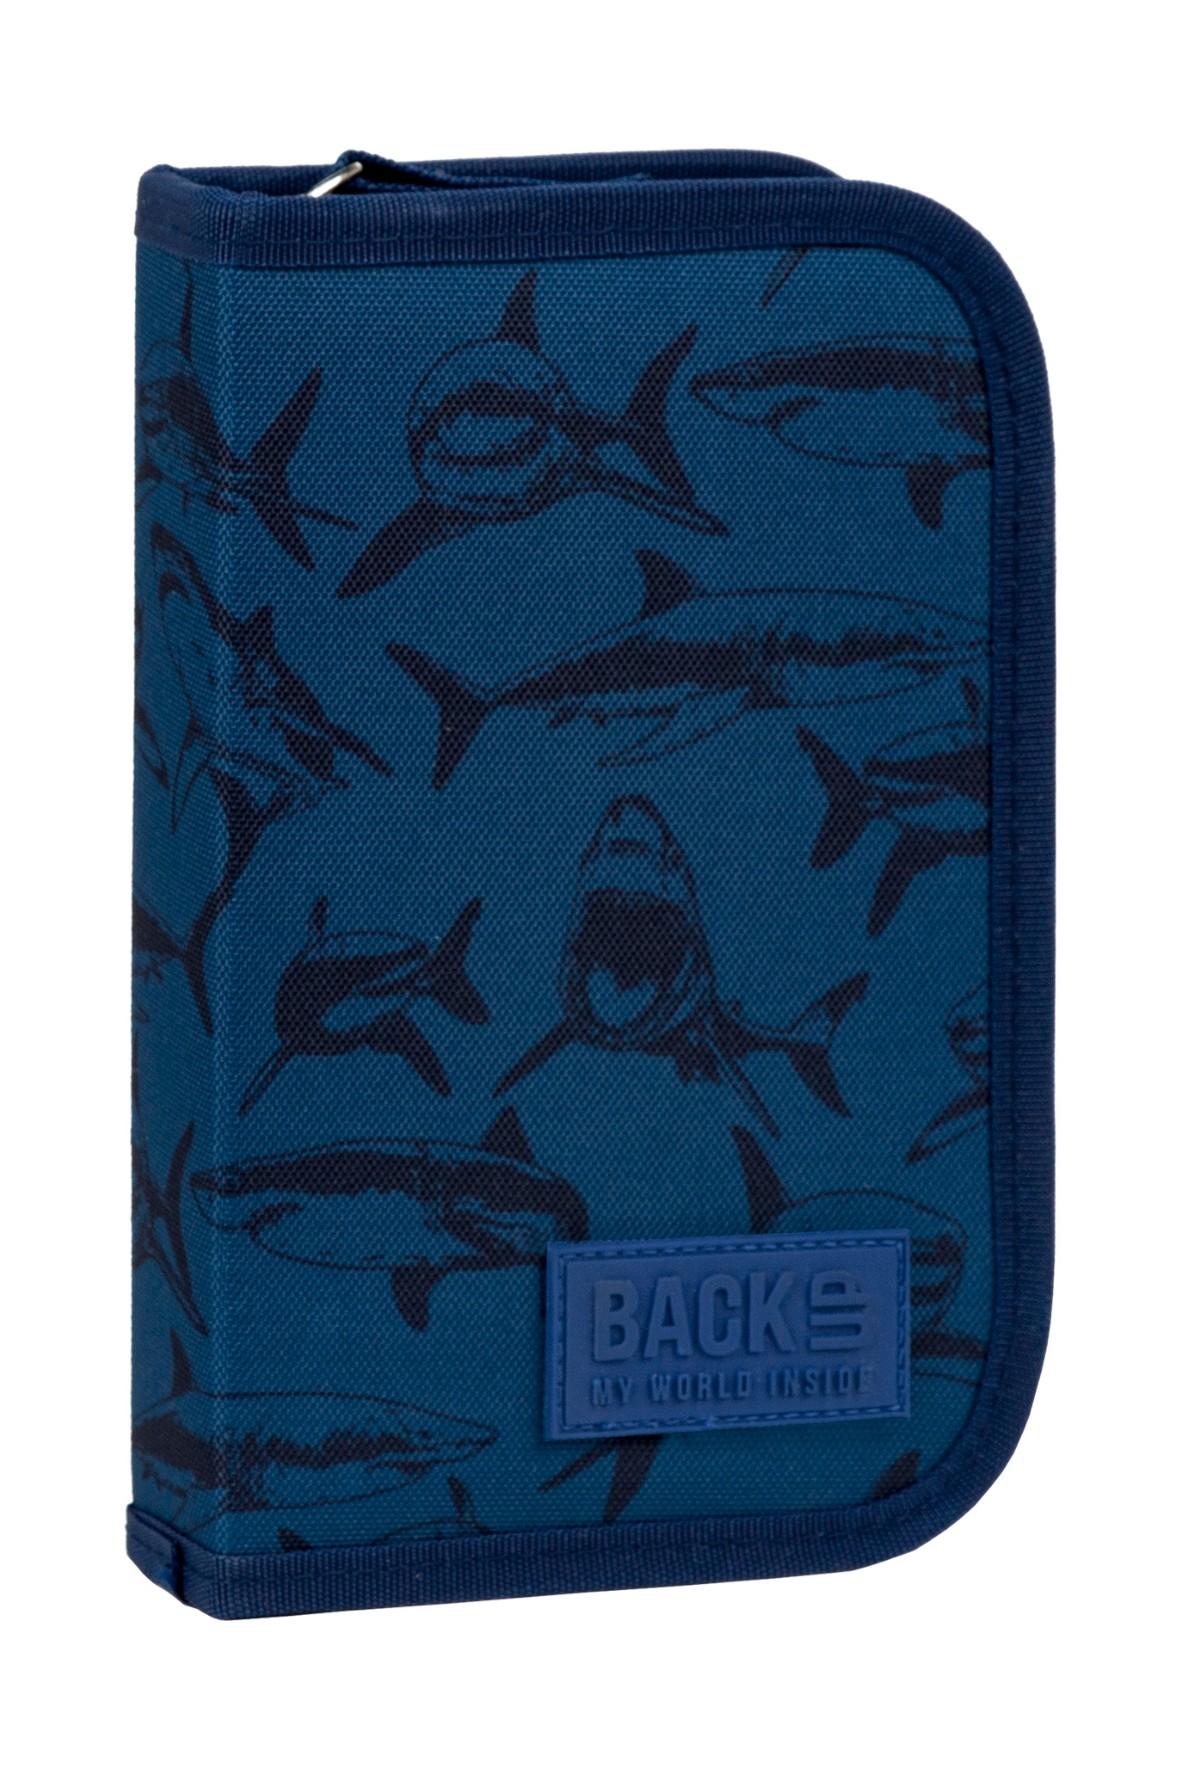 Piórnik BackUp 3 bez wyposażenia - rekiny